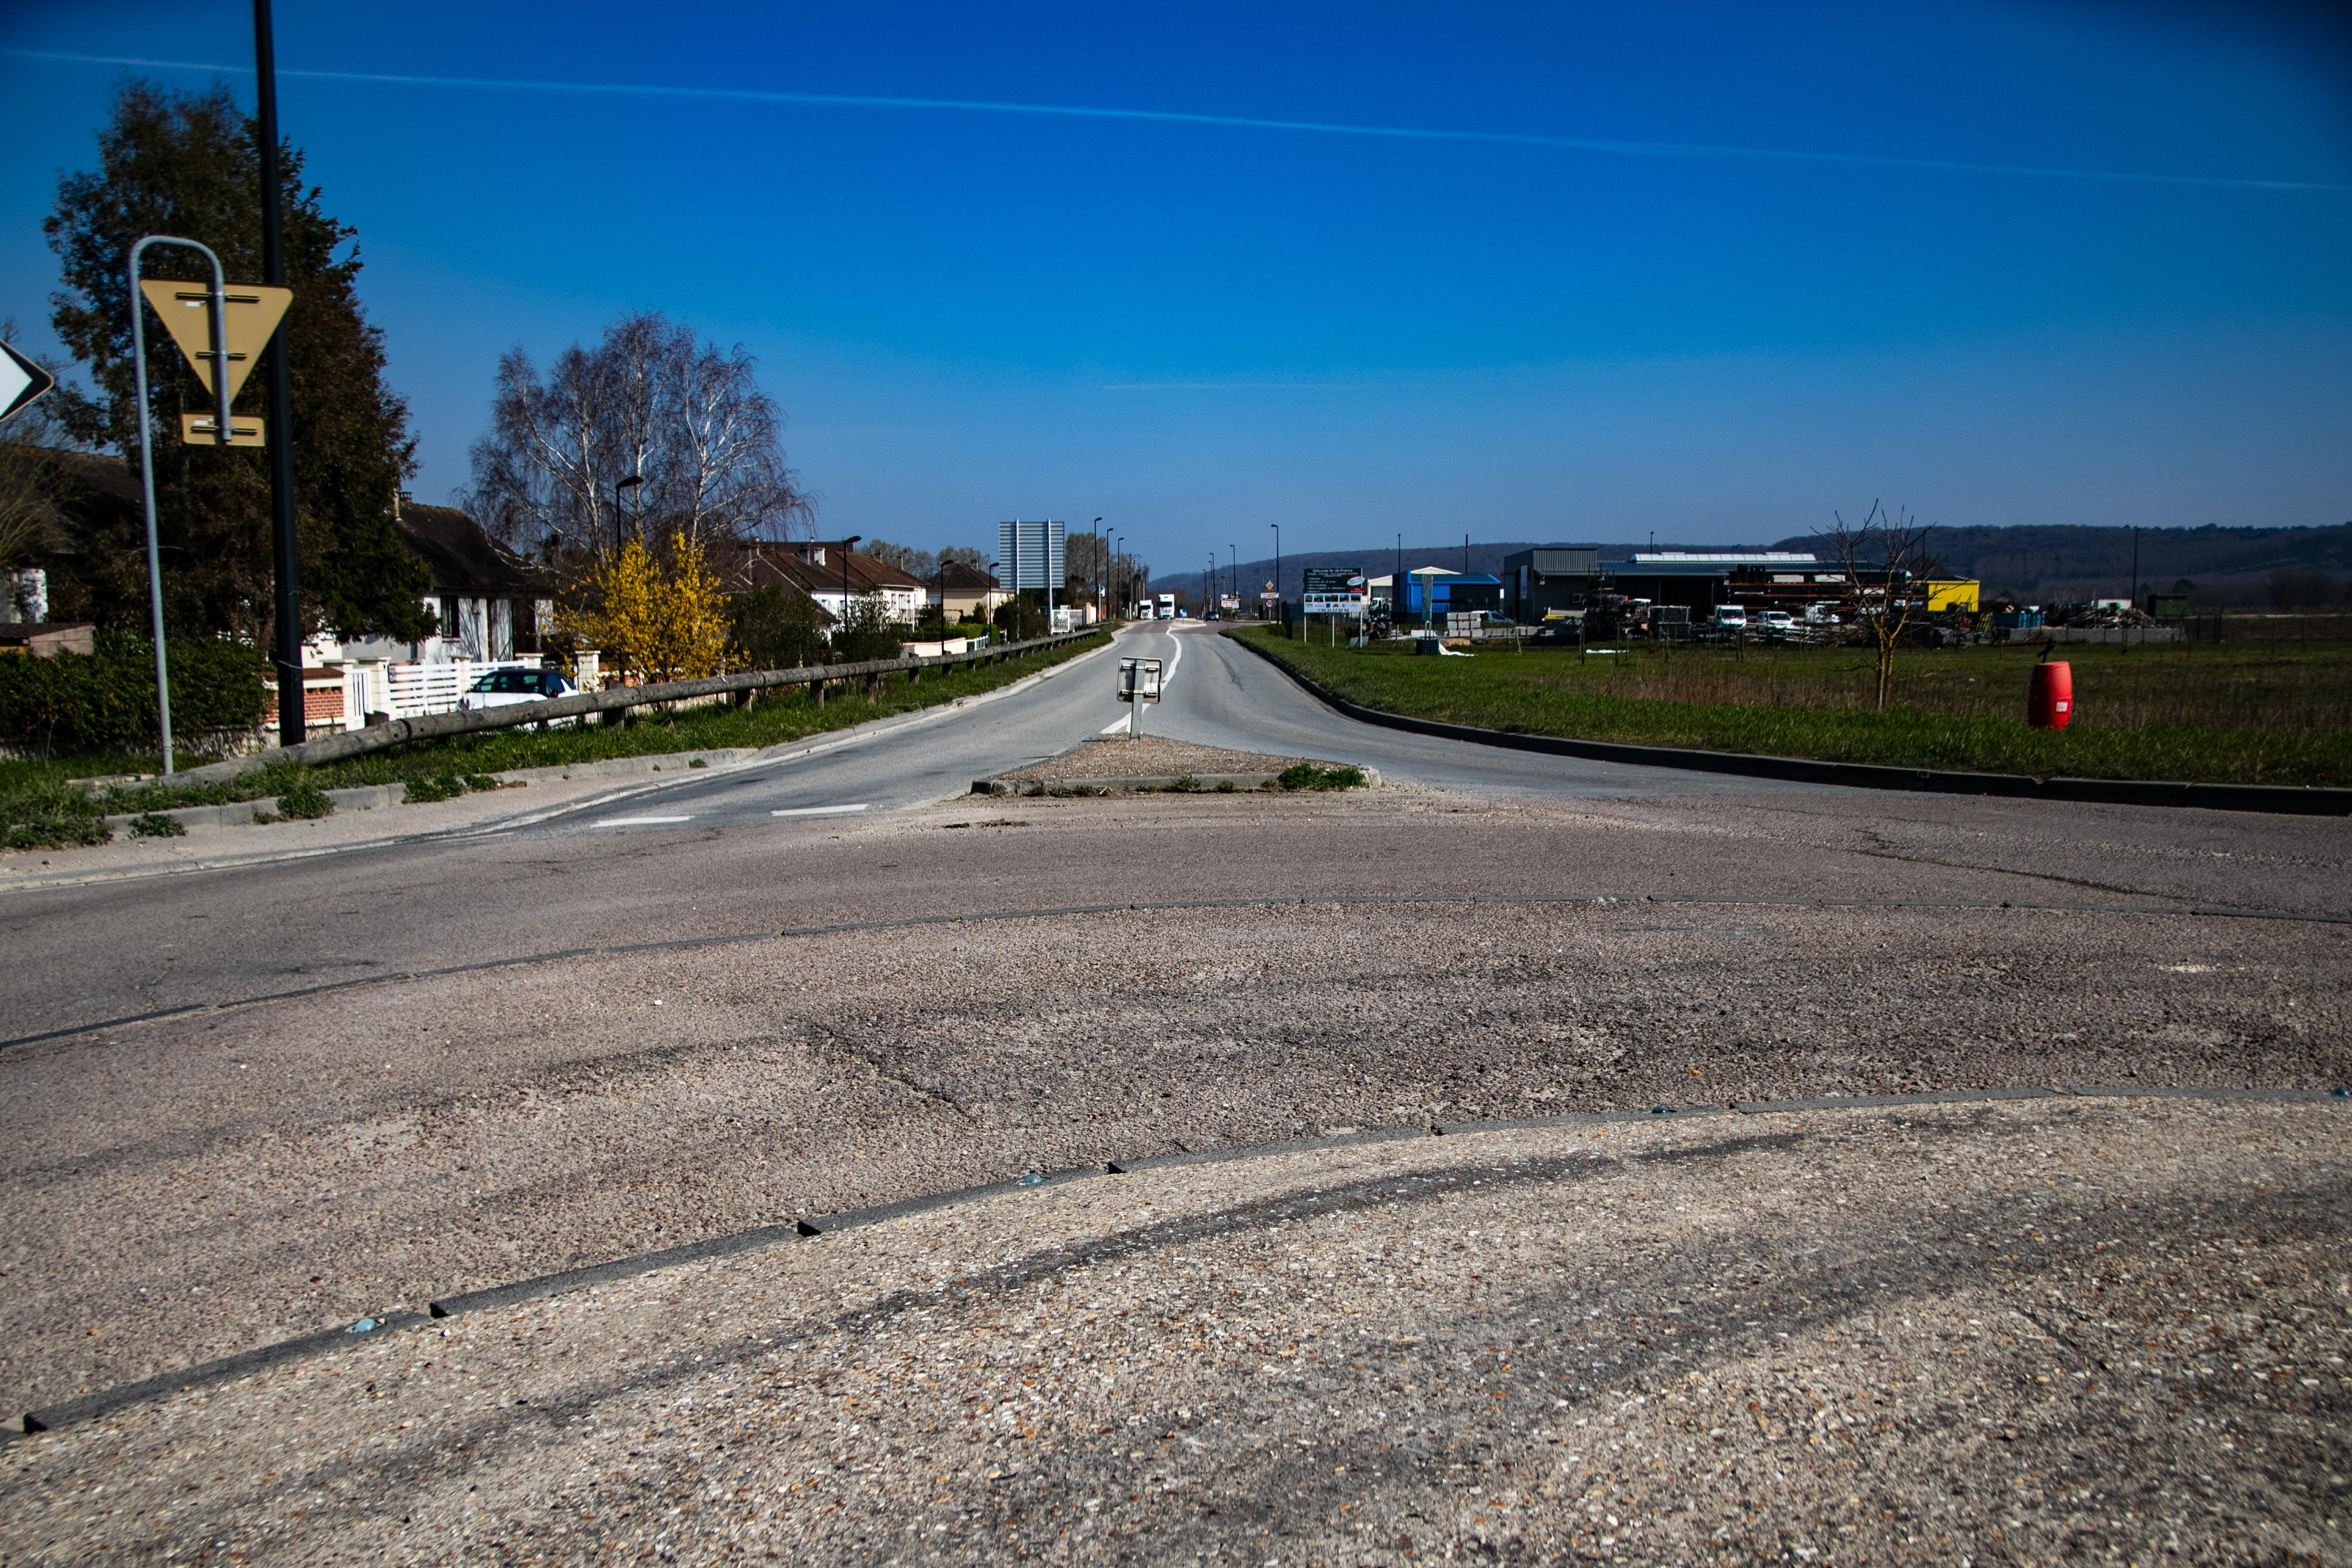 route des andelys depuis le RP coiffueuse vers les Andelys1 _1 sur 1_.jpg